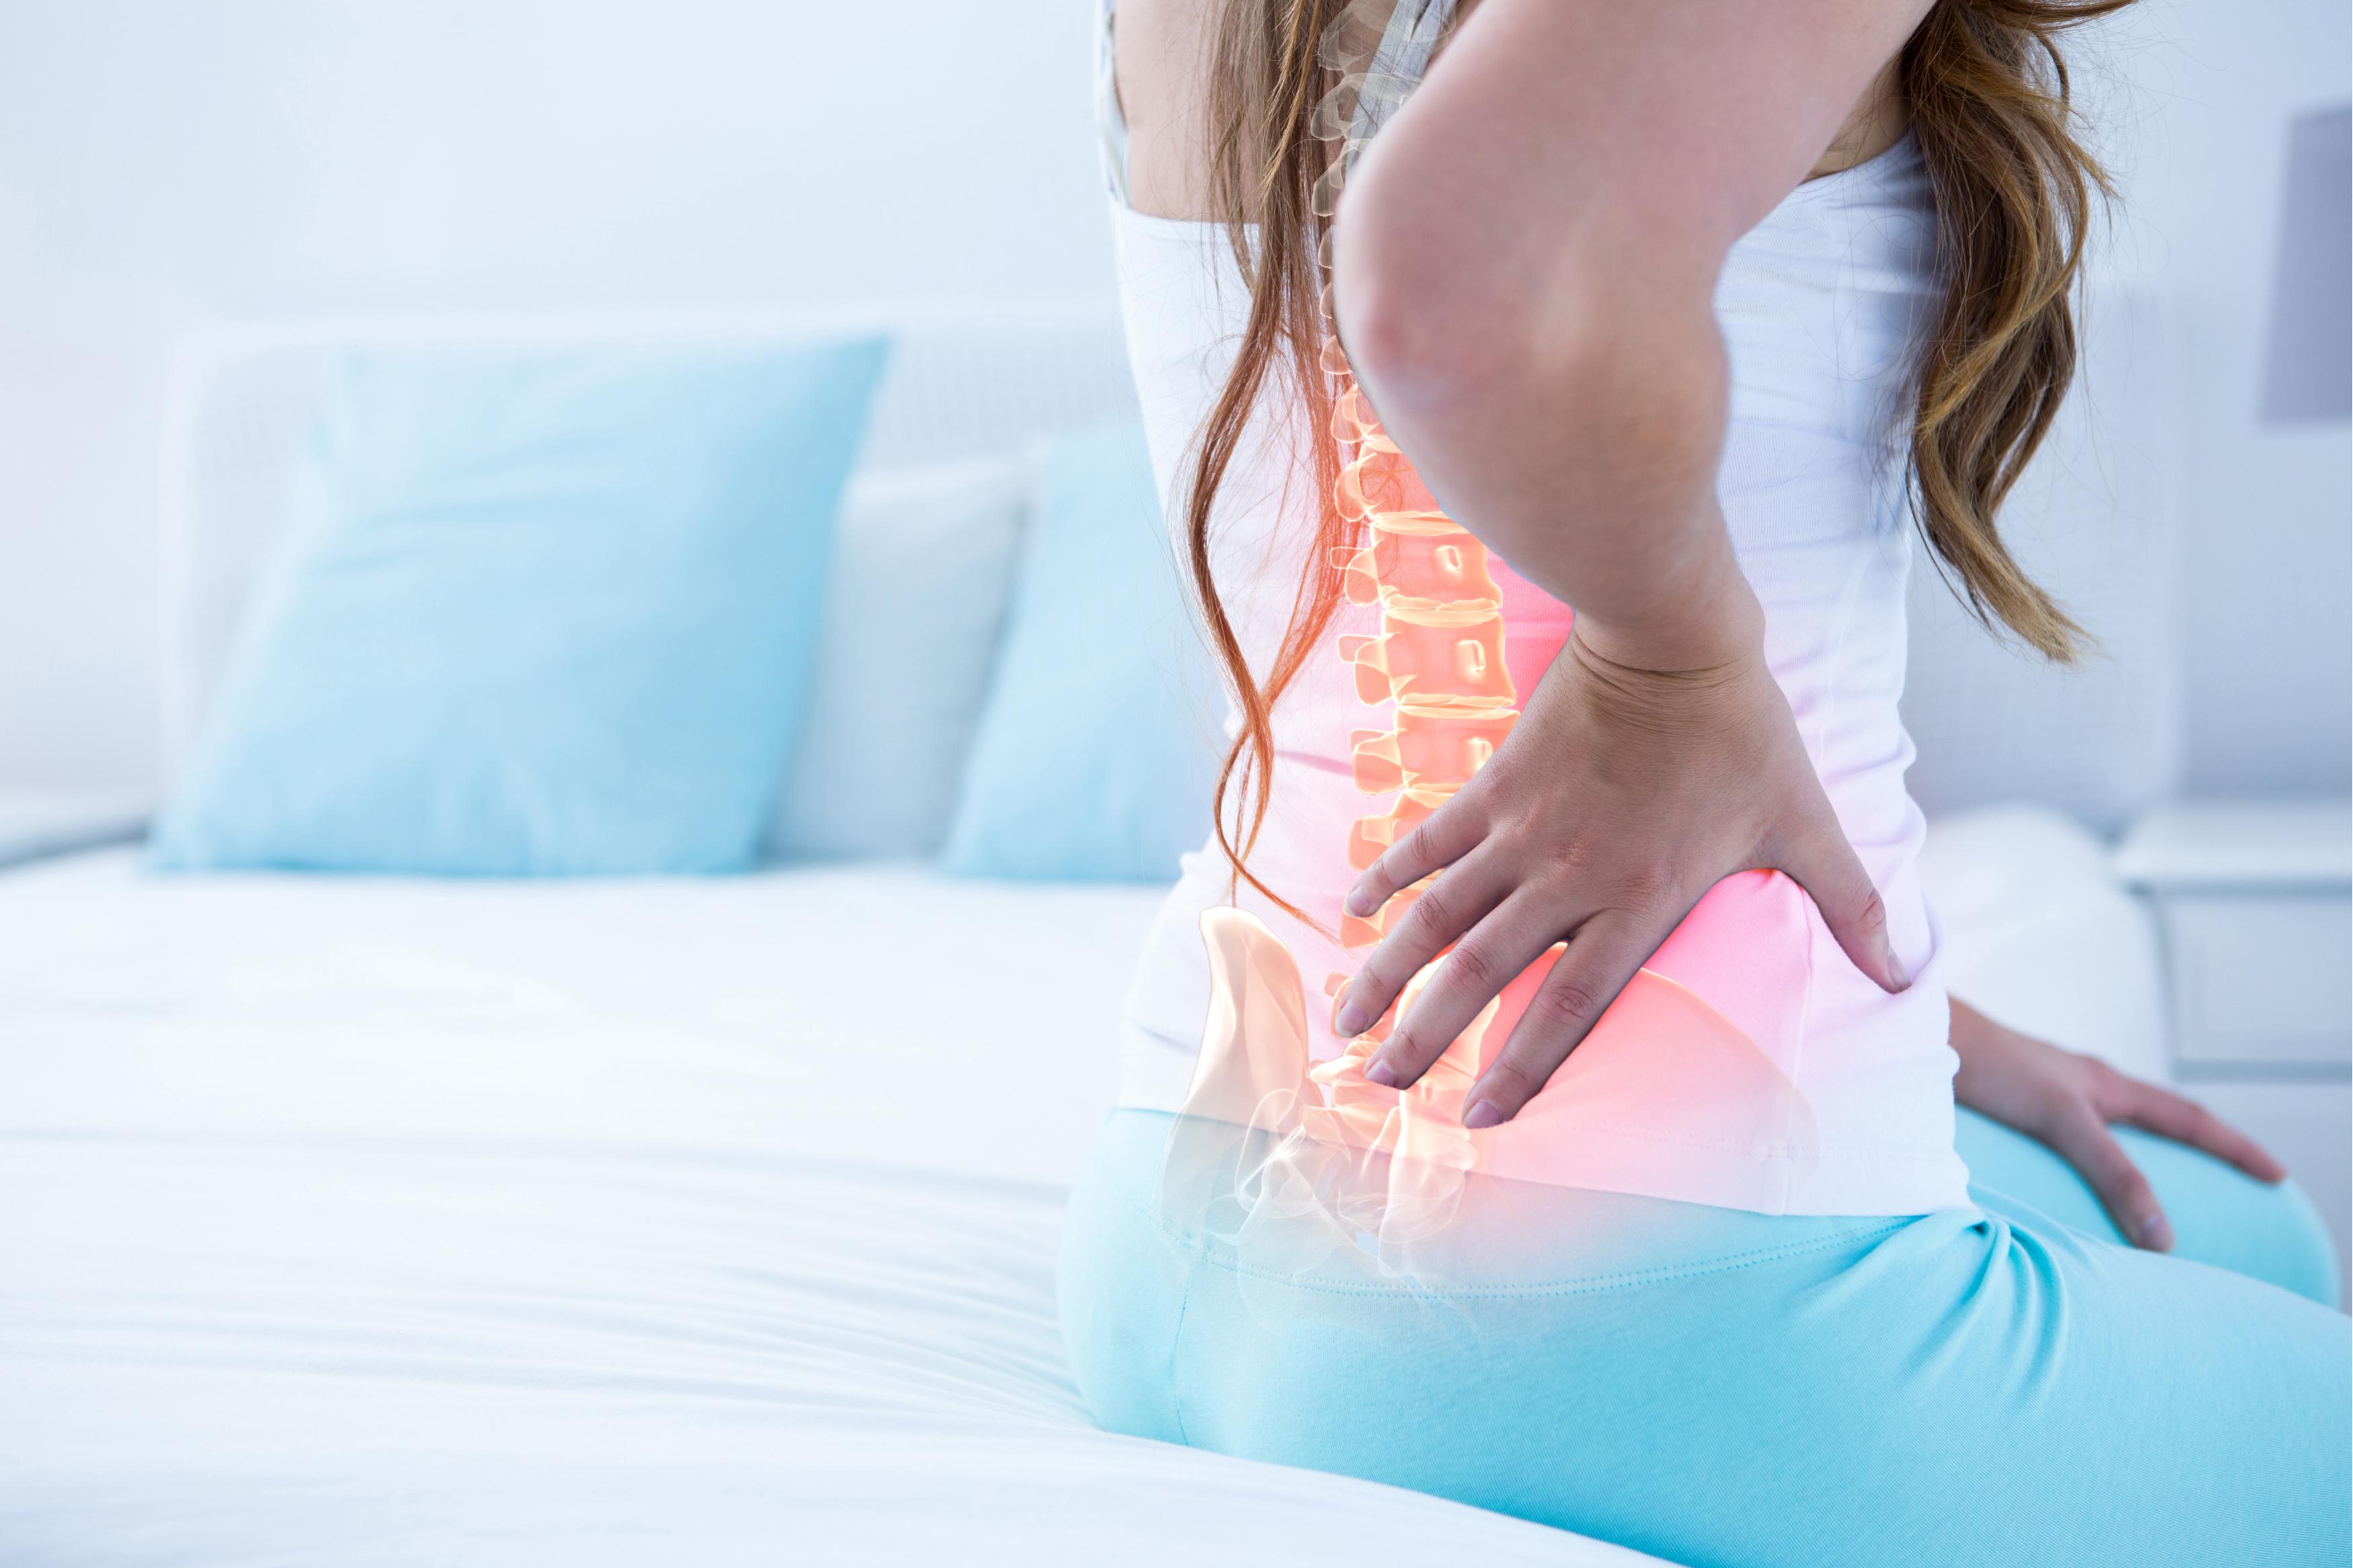 De ce sufera oamenii de dureri de spate?